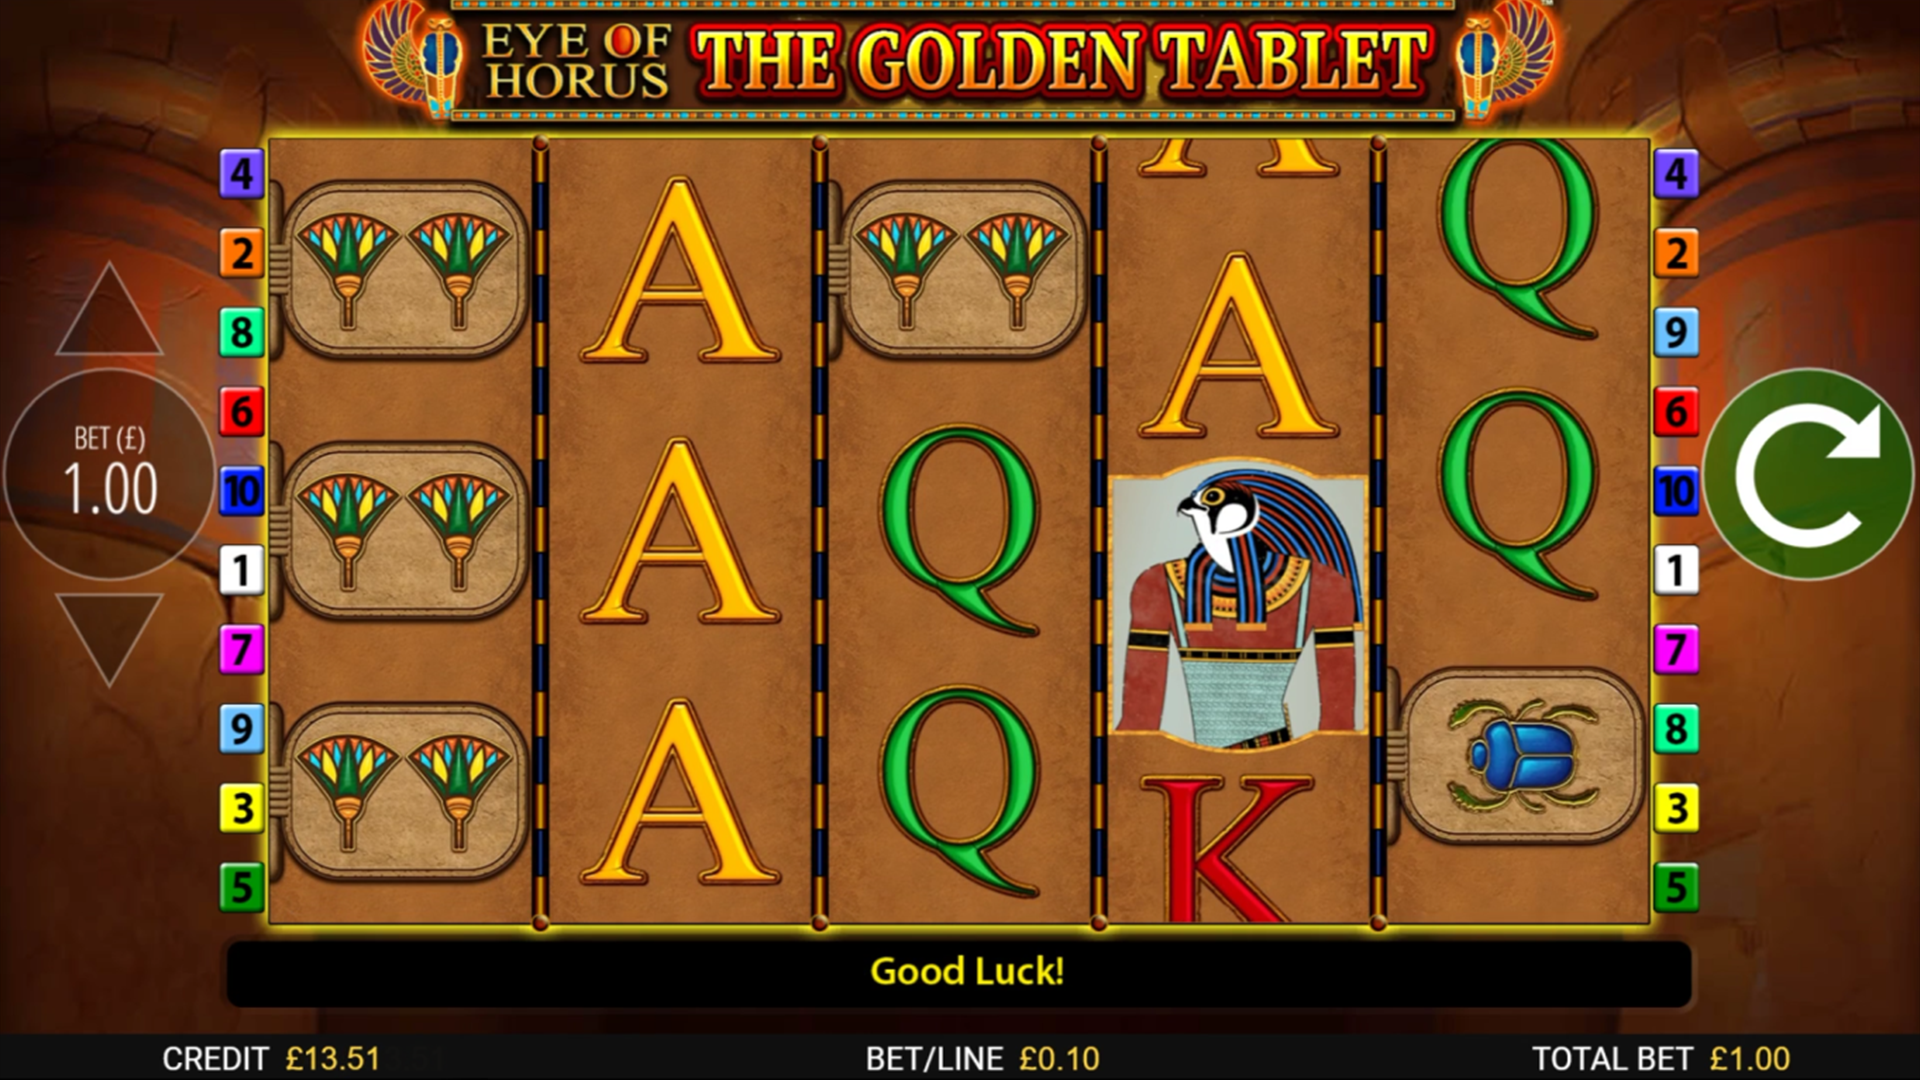 EYE OF HORUS THE GOLDEN TABLET